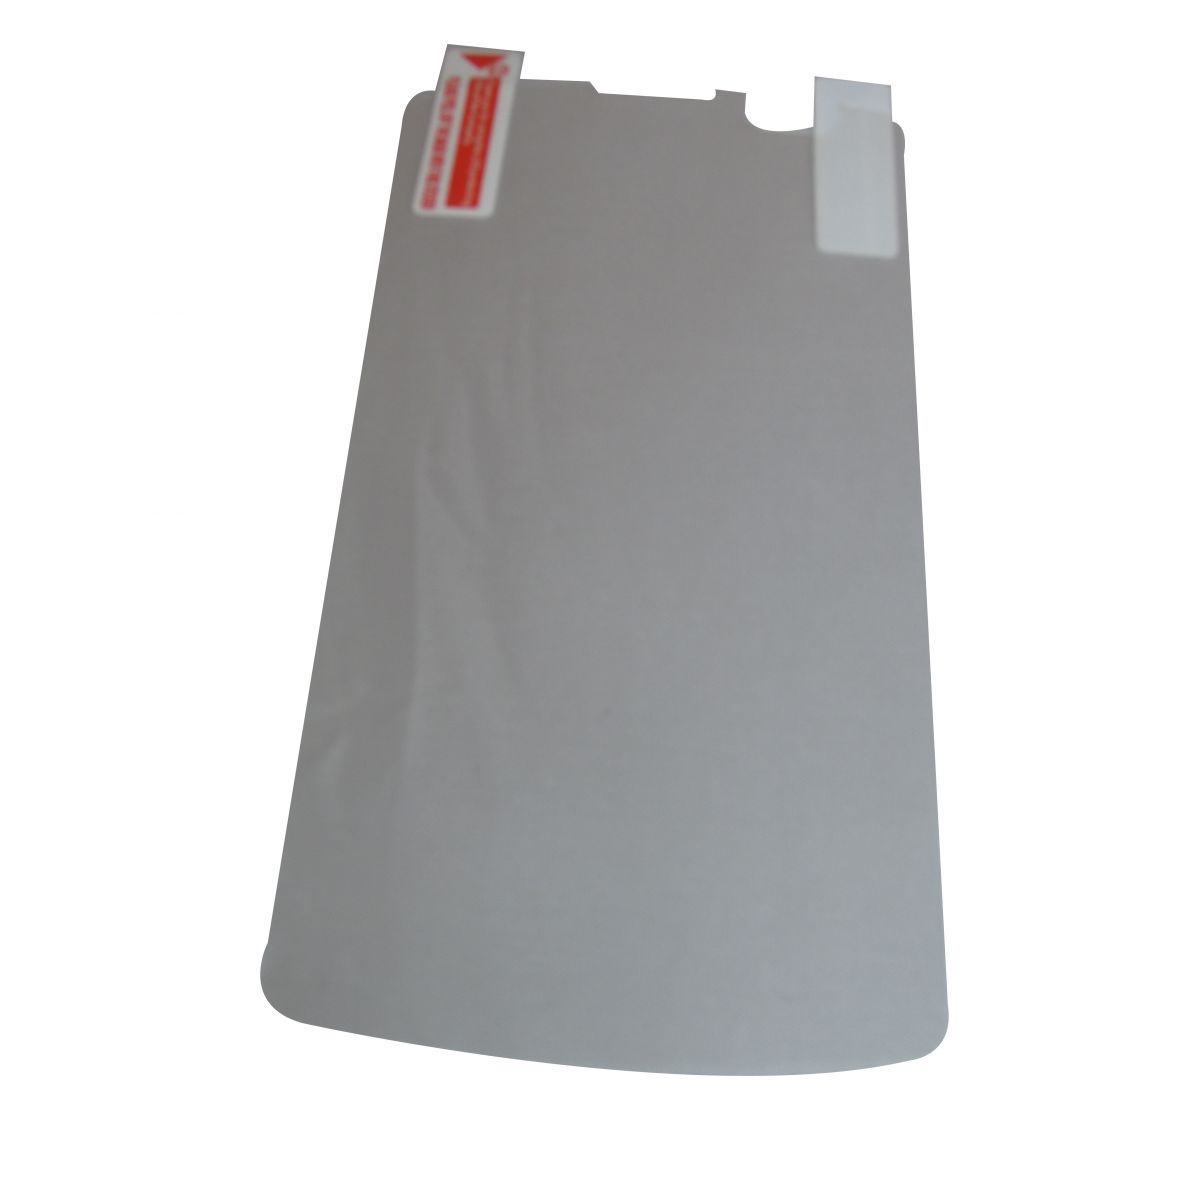 Pelicula Protetora para Lg G2 Lite D295 Fosca